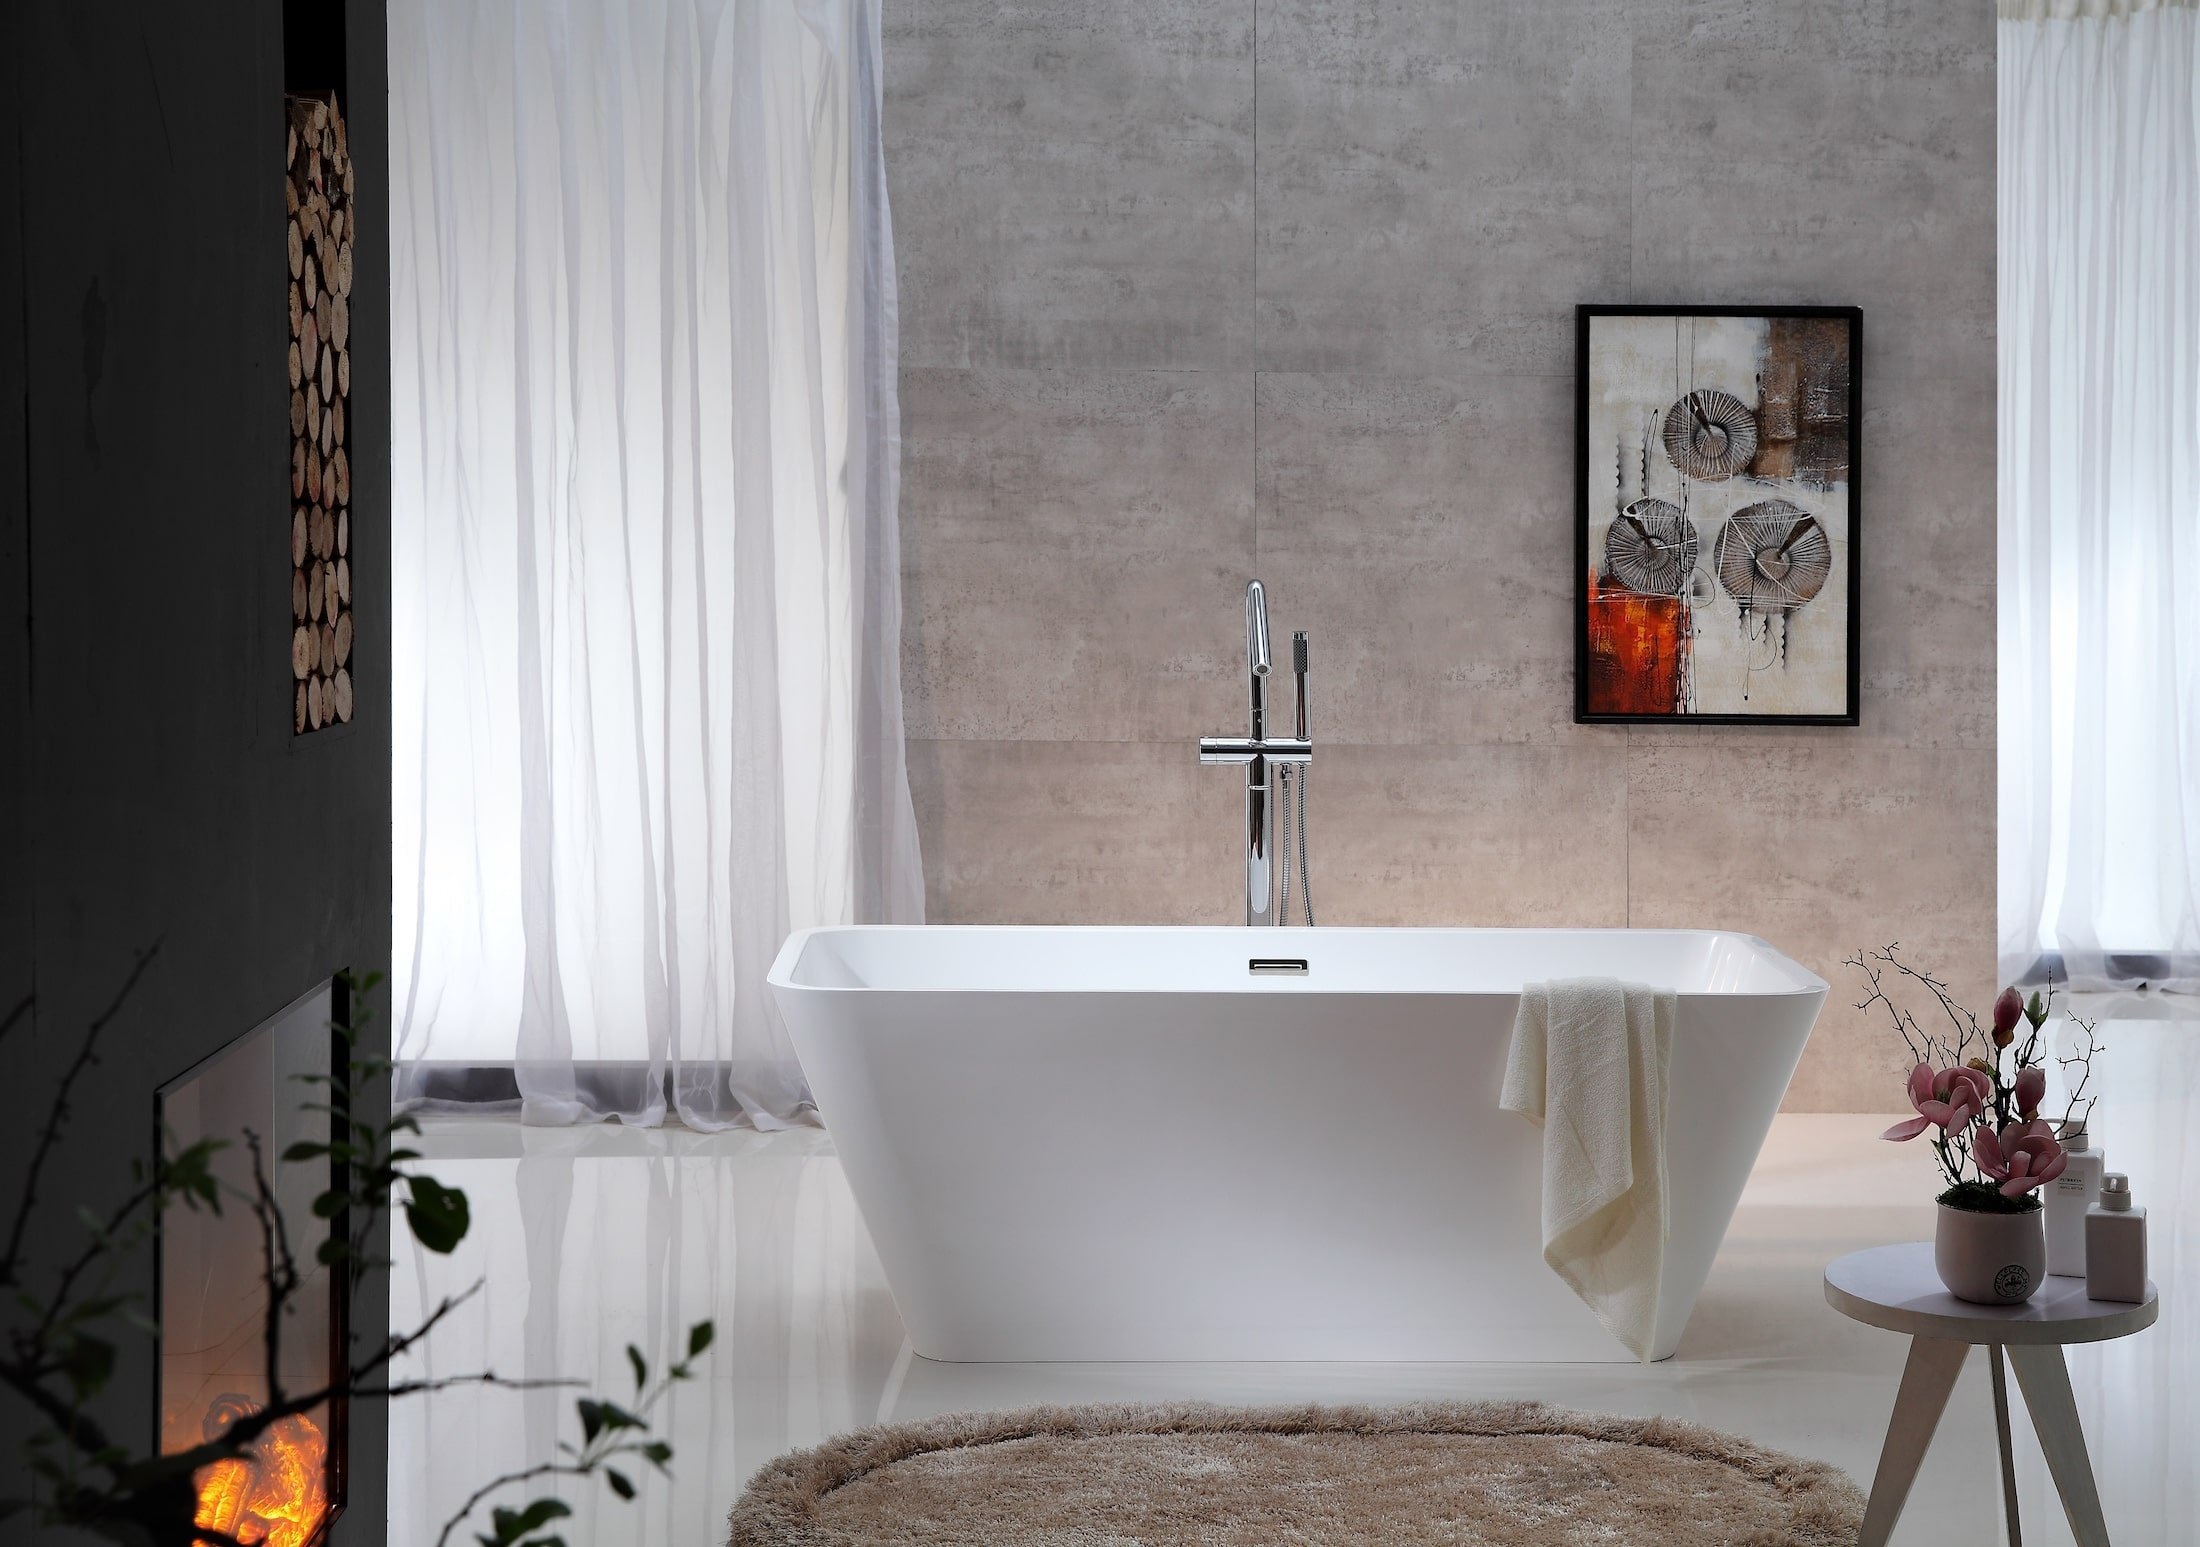 Rekonstruujete koupelnu a zvažujete, jaký materiál použít? Poradíme vám! Stěny a podlaha v koupelně by měly být připraveny na podmínky v intencích domácího extrémně mokrého prostředí. Rozhodující je odolnost proti vlhkosti, podlaha by neměla být kluzká ani tehdy, když je mokrá. Proto není výběr materiálů neomezený, je však dostatečně pestrý na to, aby si každý mohl vybrat to, co je jeho srdci blízké.